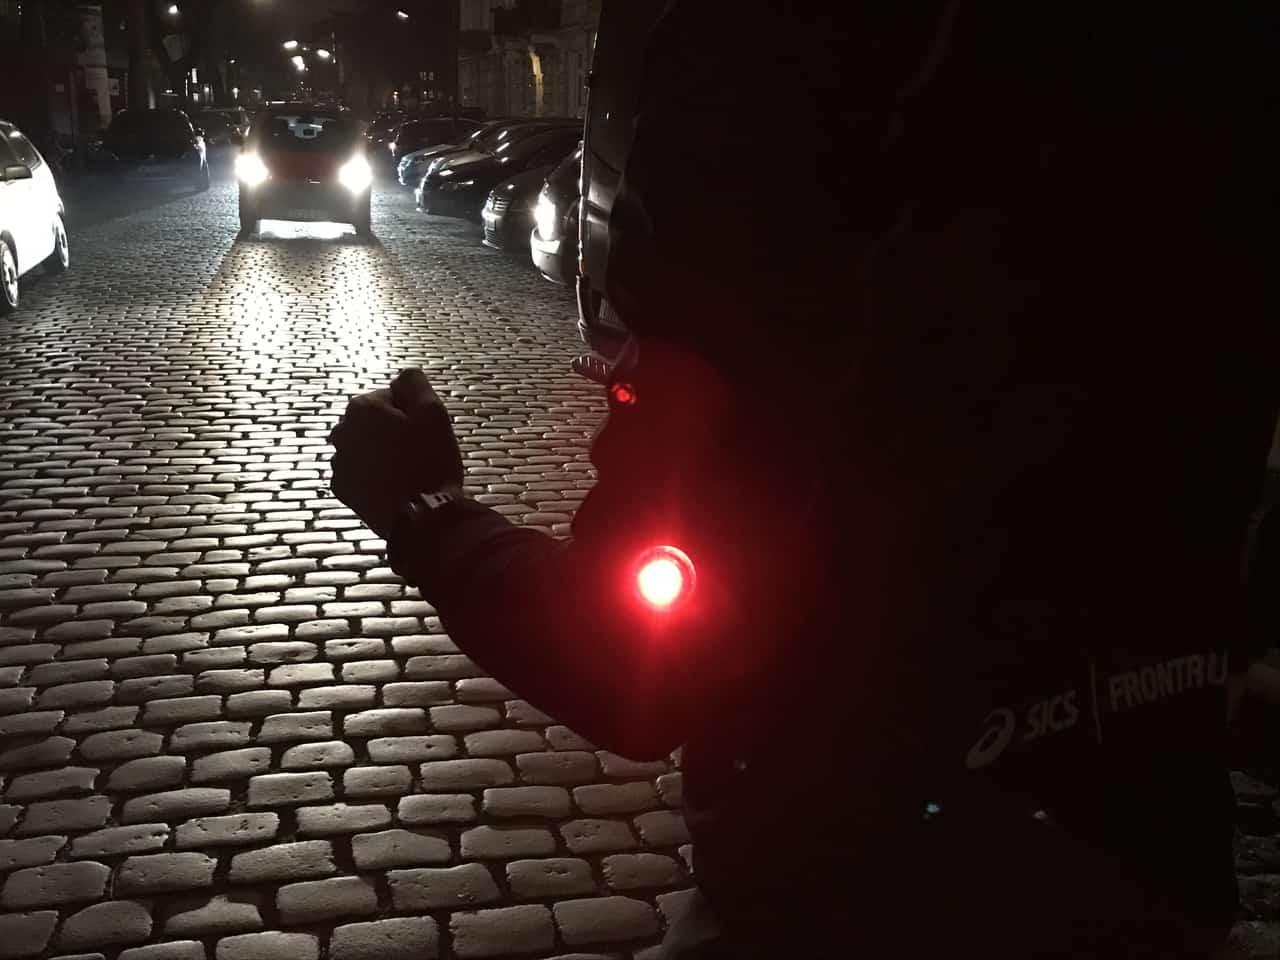 Orbiloc im Test: sicher im Dunkeln laufen